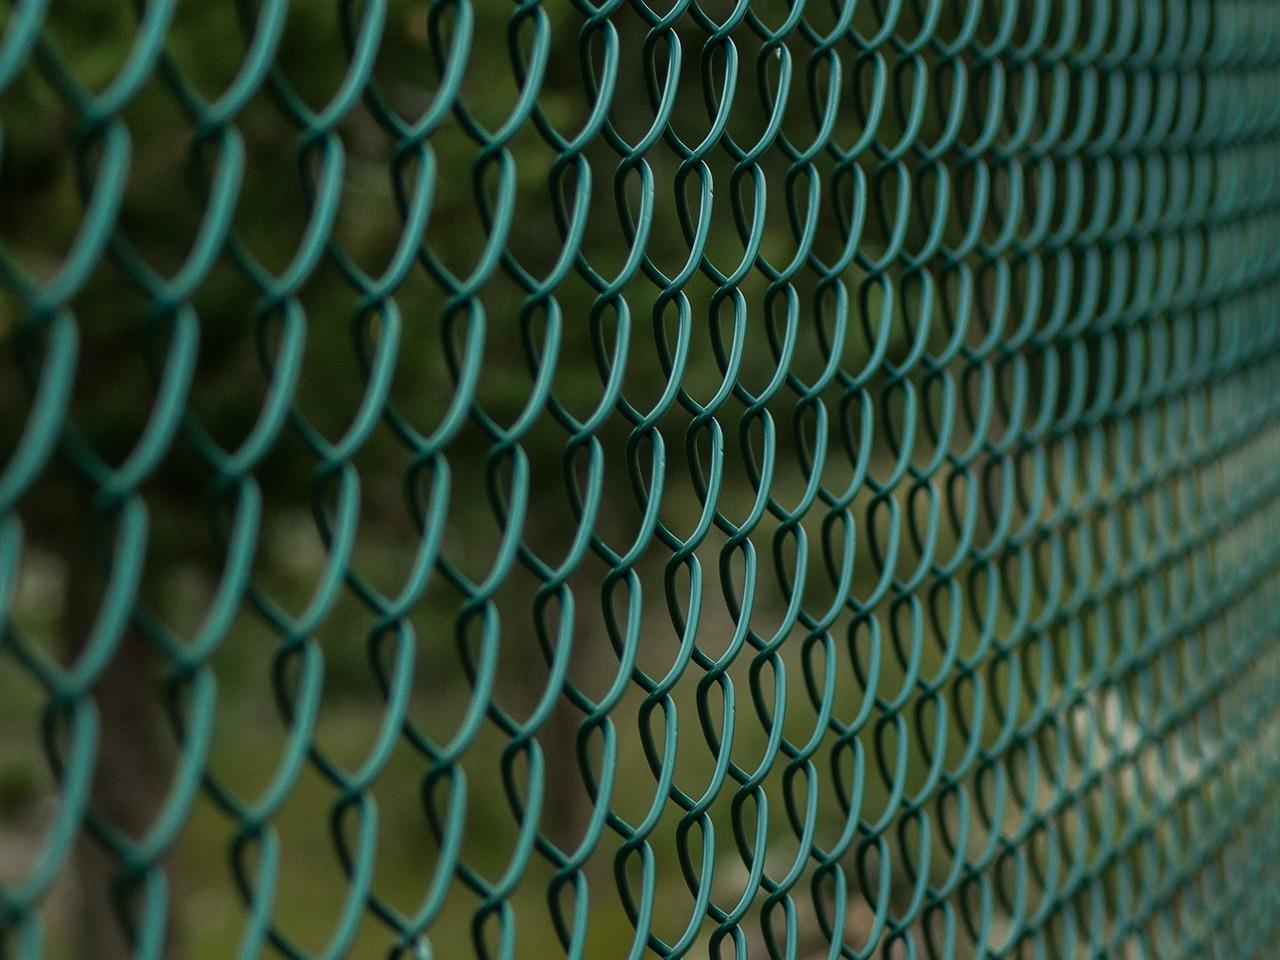 виды металлической сетки фото нужно ожидать